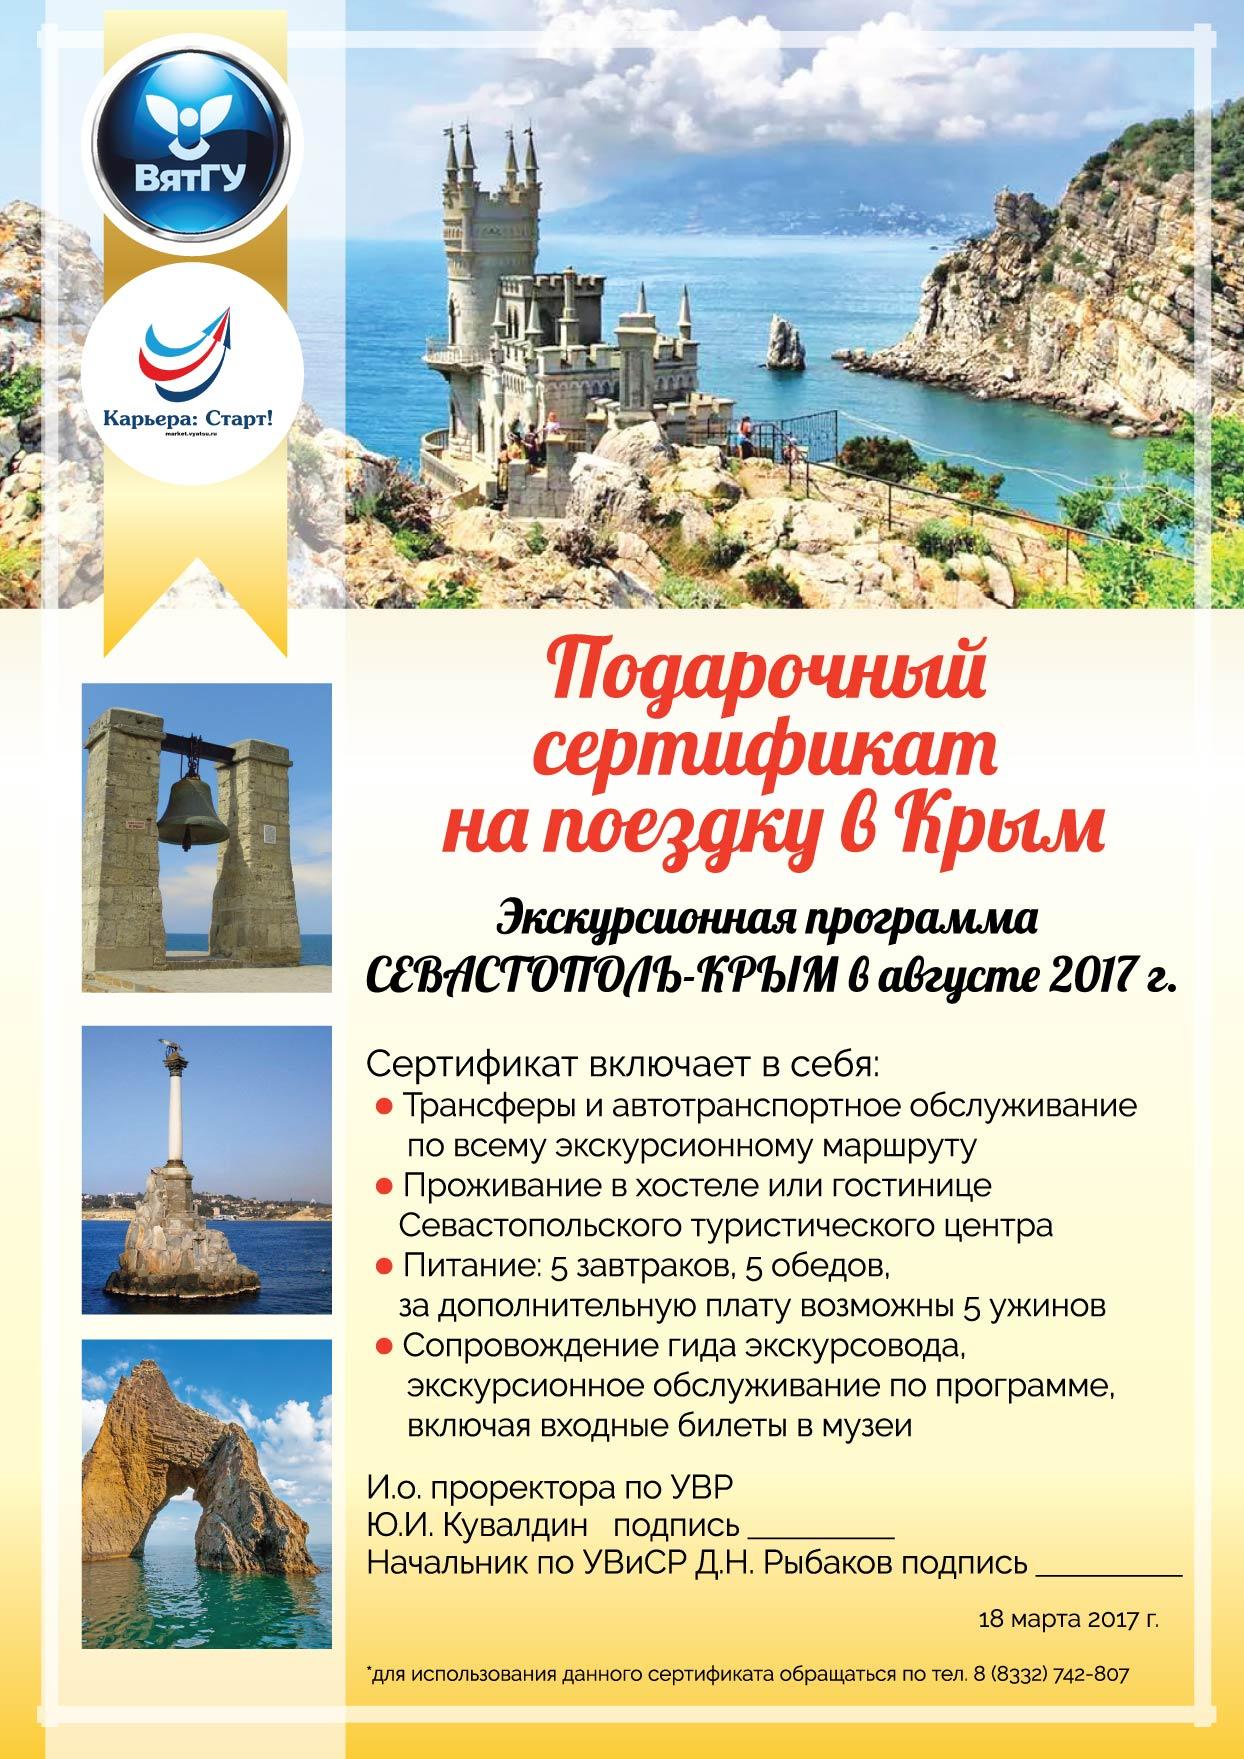 Подарочный сертификат Крым превью